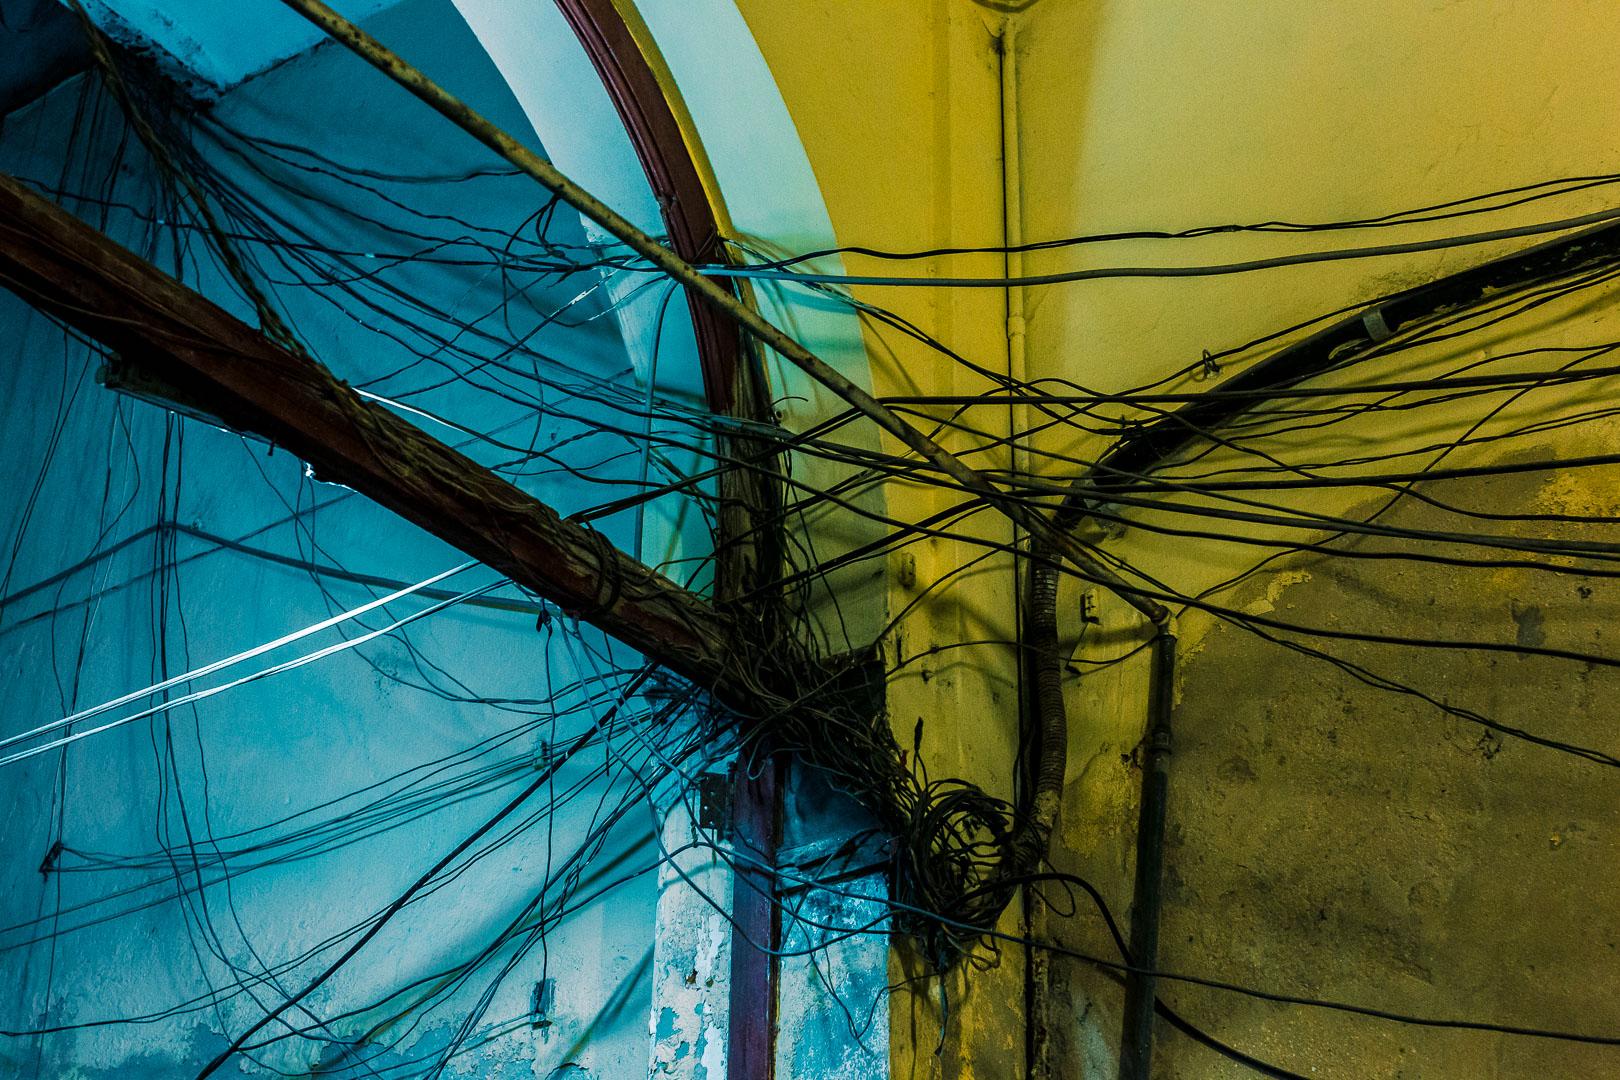 cabos emaranhados contra uma parede